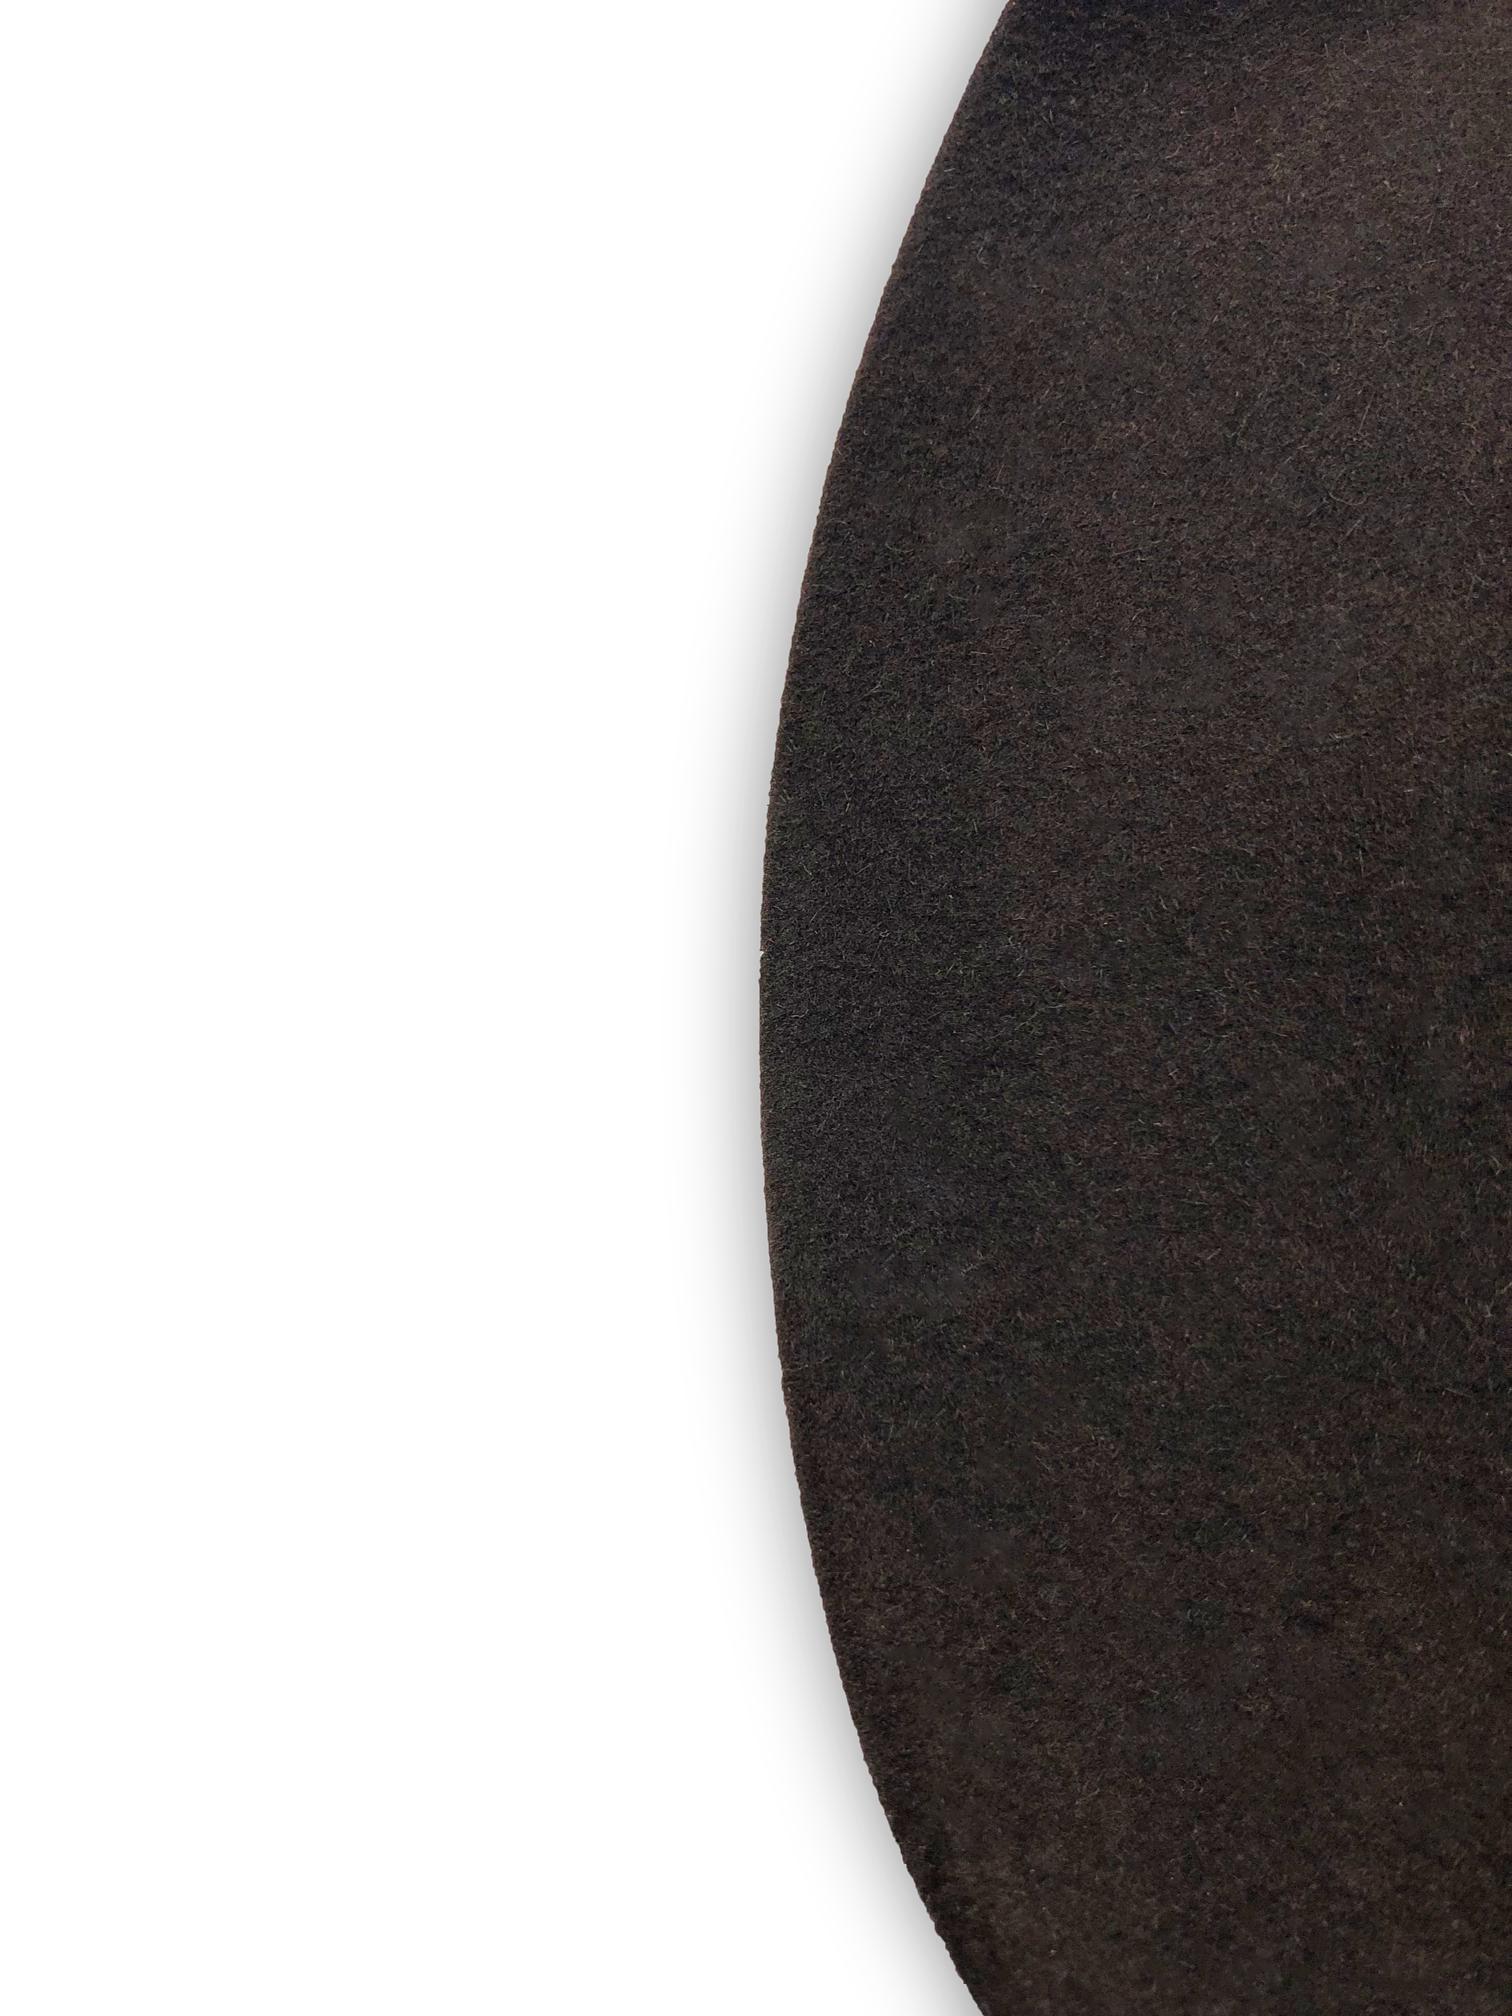 Knudsen-Dark-Chocolate